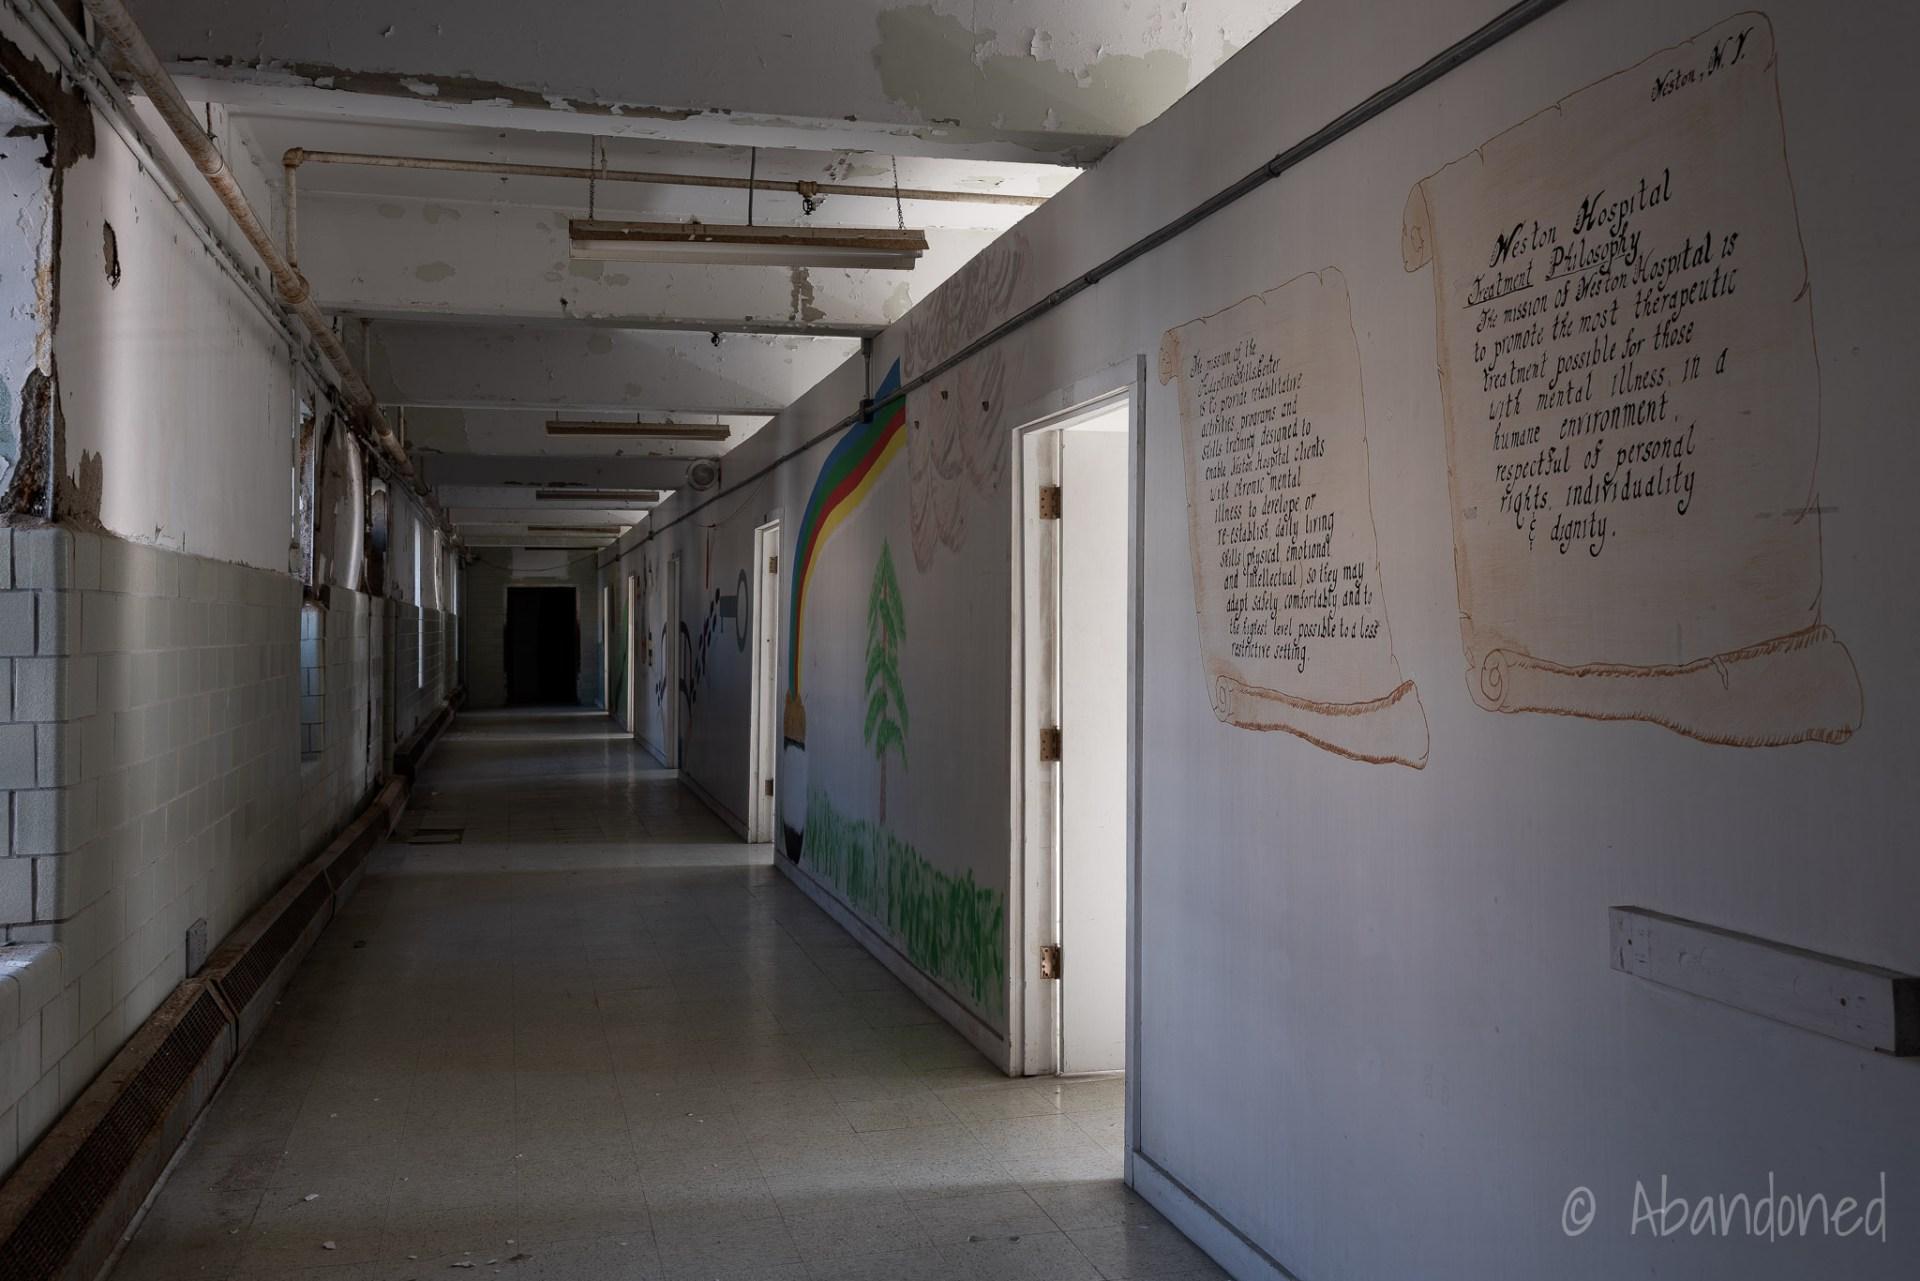 Trans-Allegheny Lunatic Asylum Ward Hallway with Mural